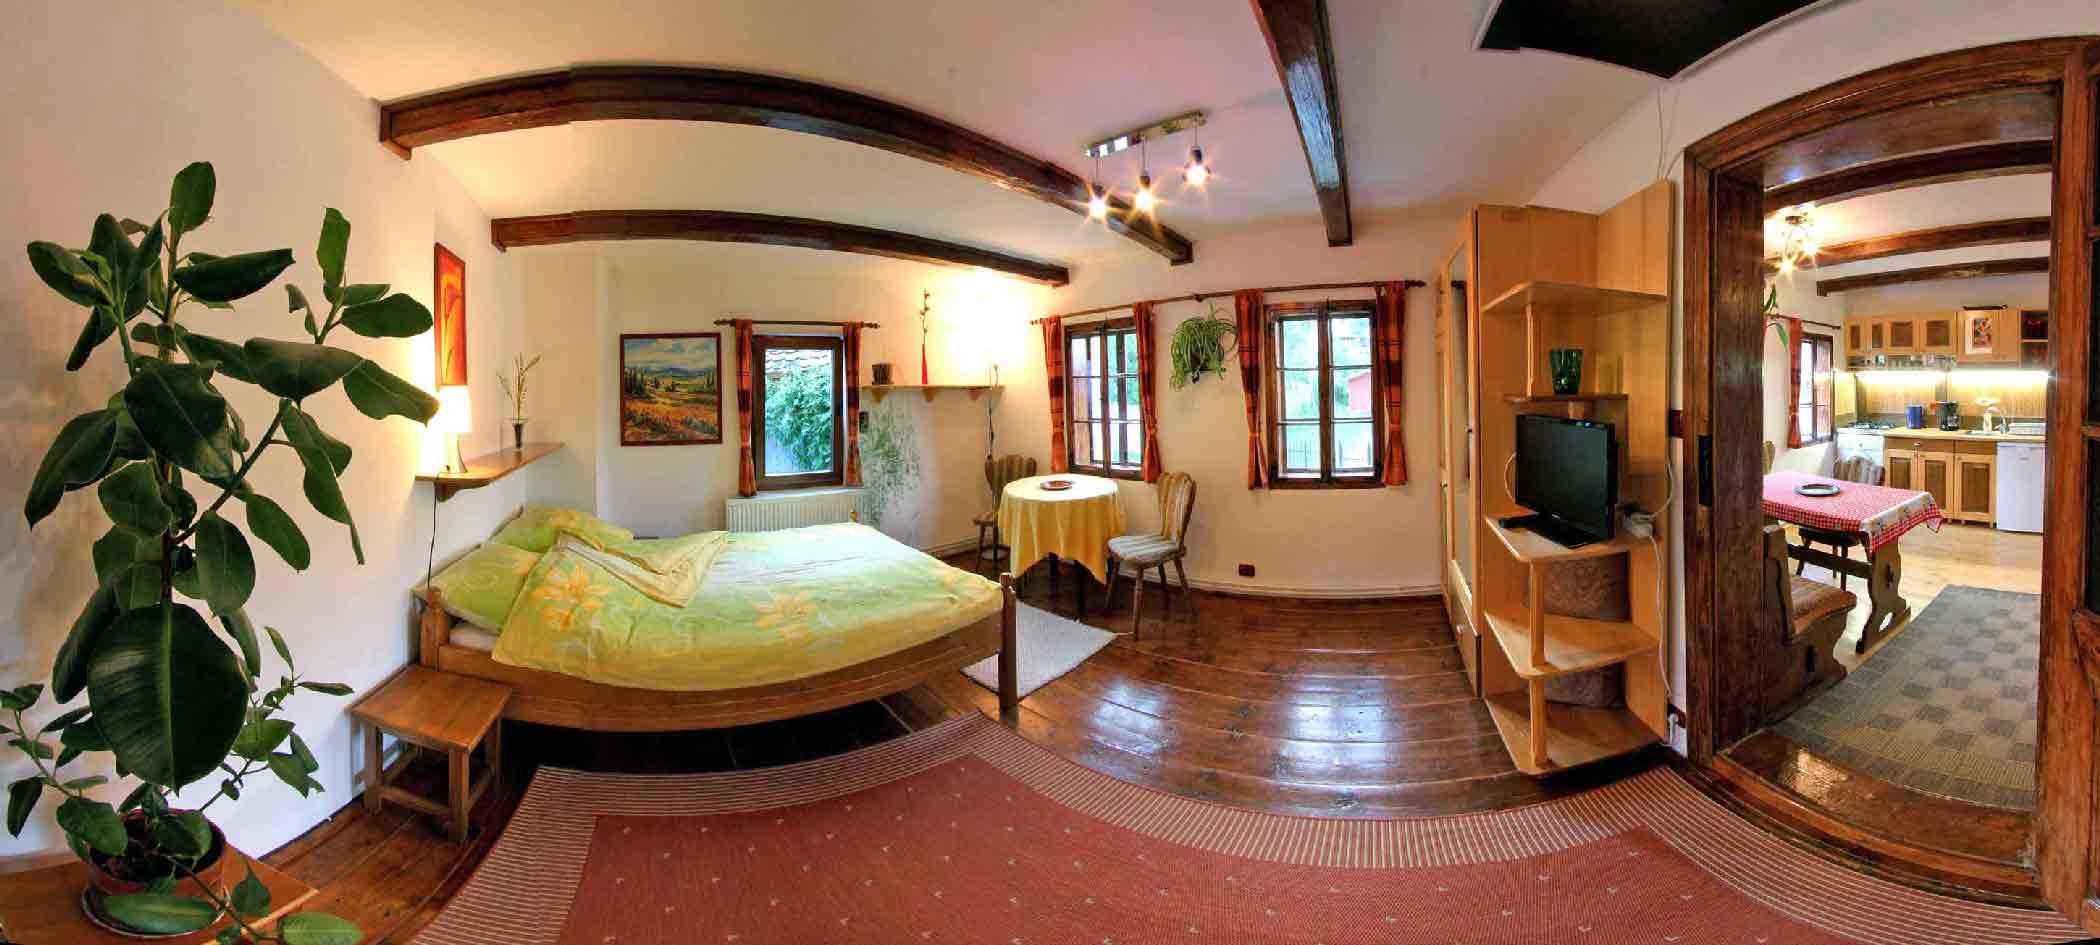 private ferienwohnung siebenbürgen für urlaub in transsilvanien